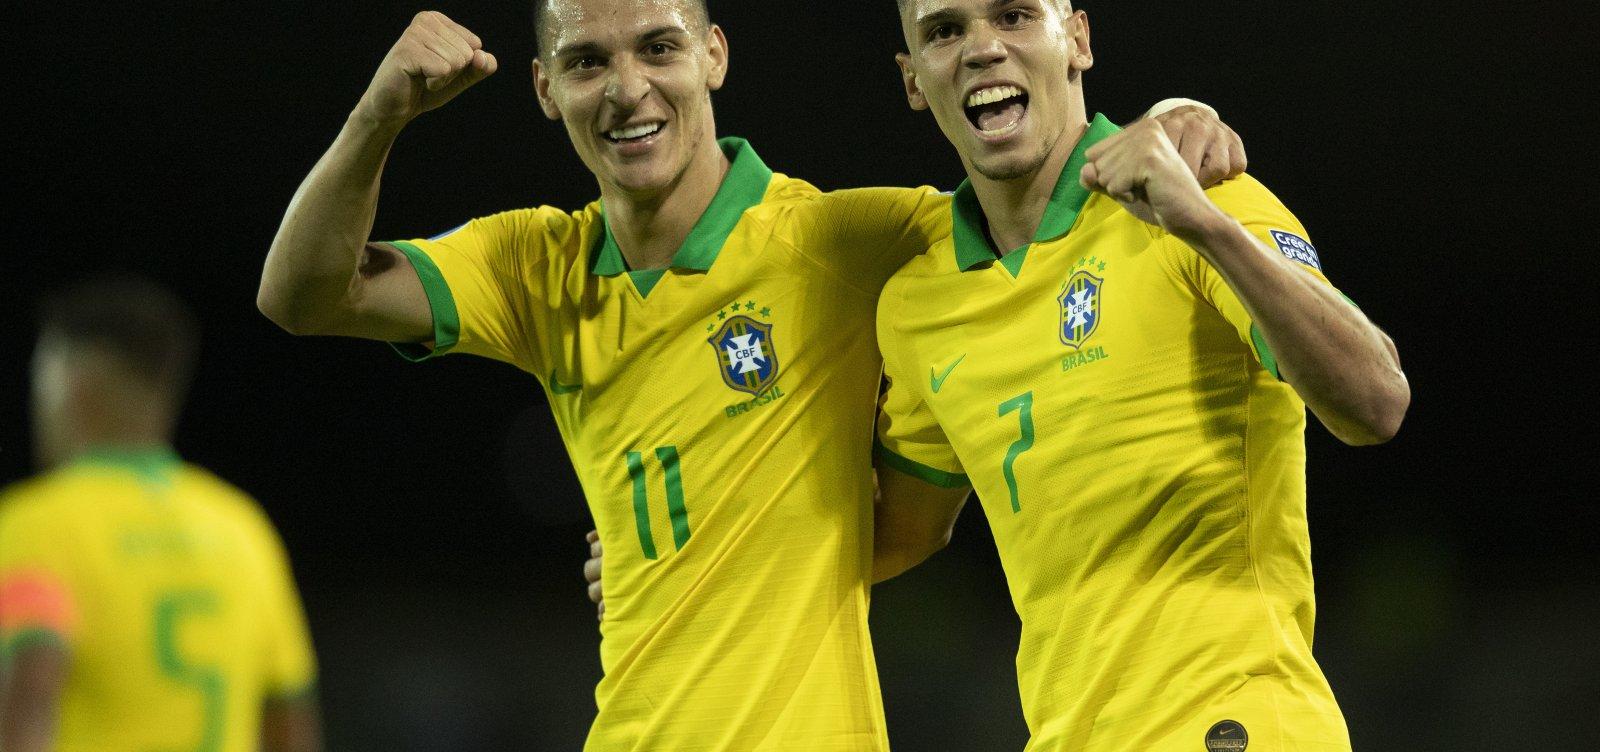 [Brasil vence o Peru por 1 a 0 em estreia no Pré-Olímpico]